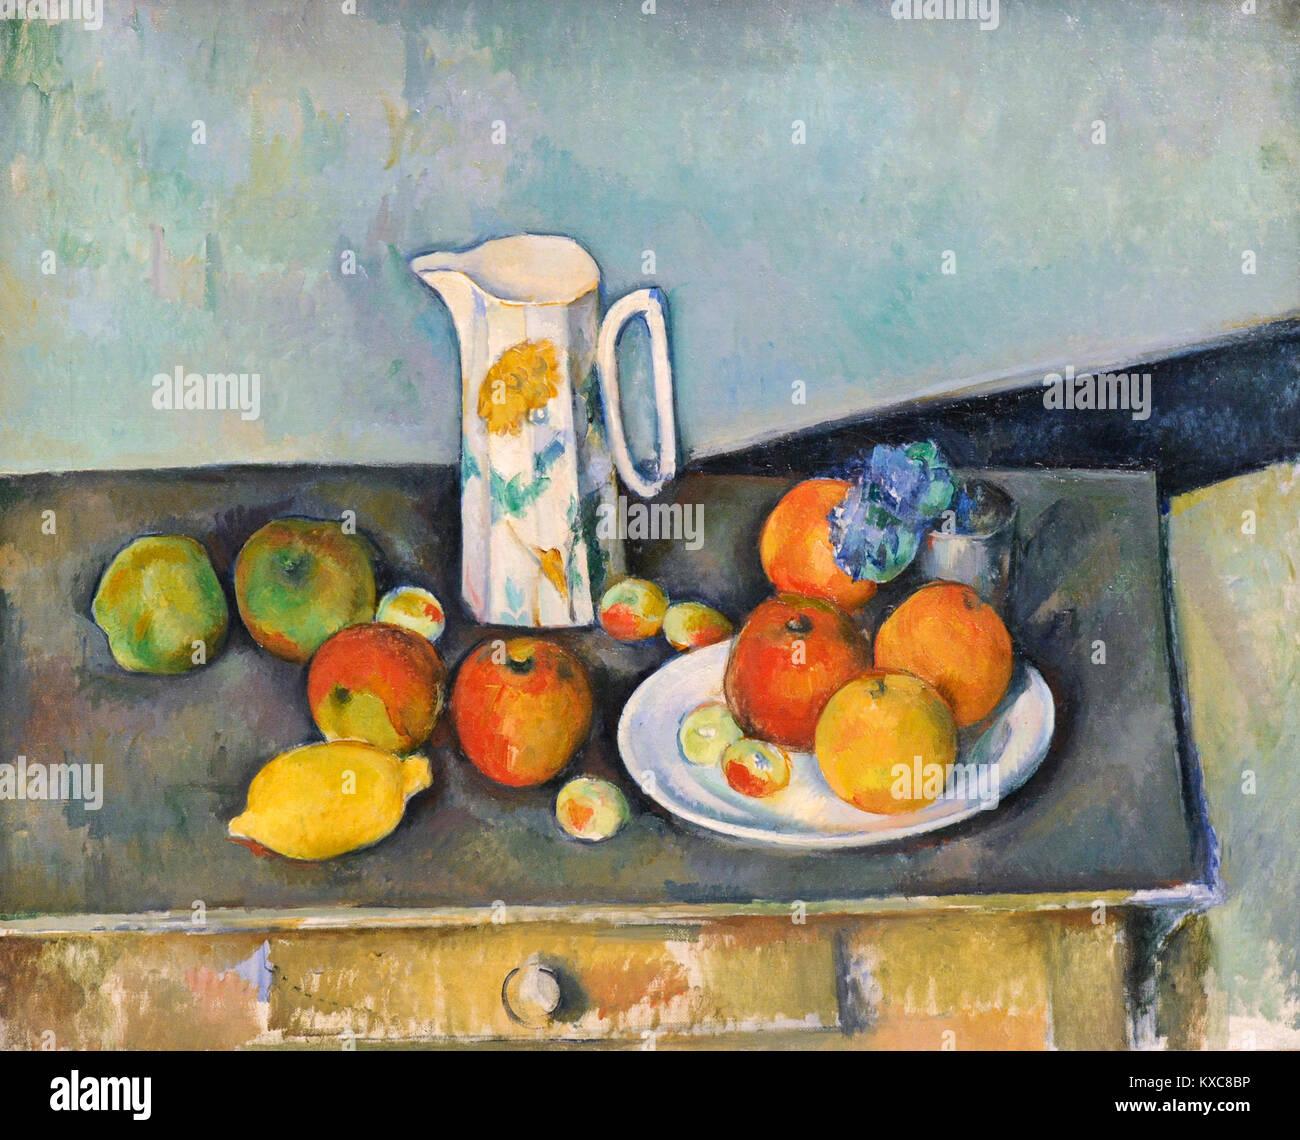 Paul Cezanne (1839-1906). El pintor francés. Still Life, ca.1890. Galería Nacional. Oslo. Noruega. Imagen De Stock